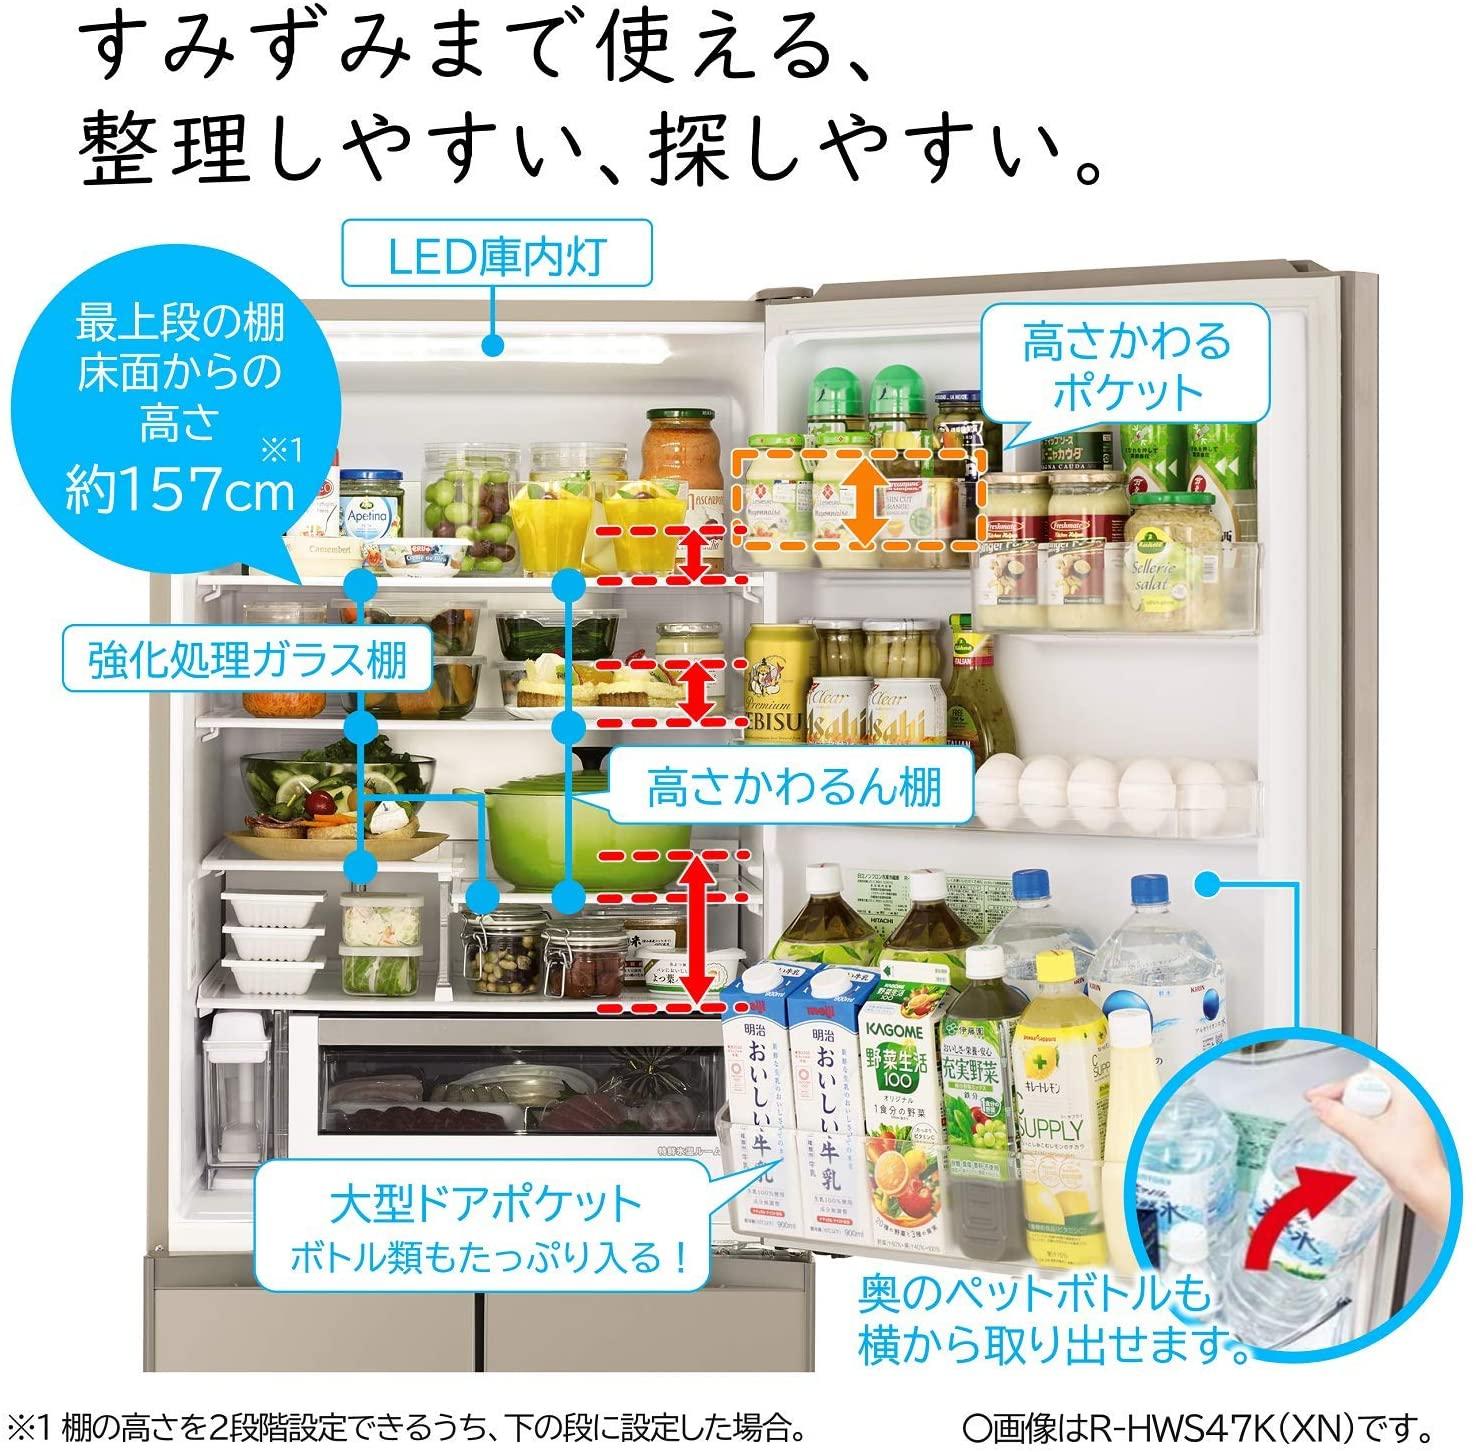 日立(HITACHI) 冷蔵庫 R-HWS47Nの商品画像7